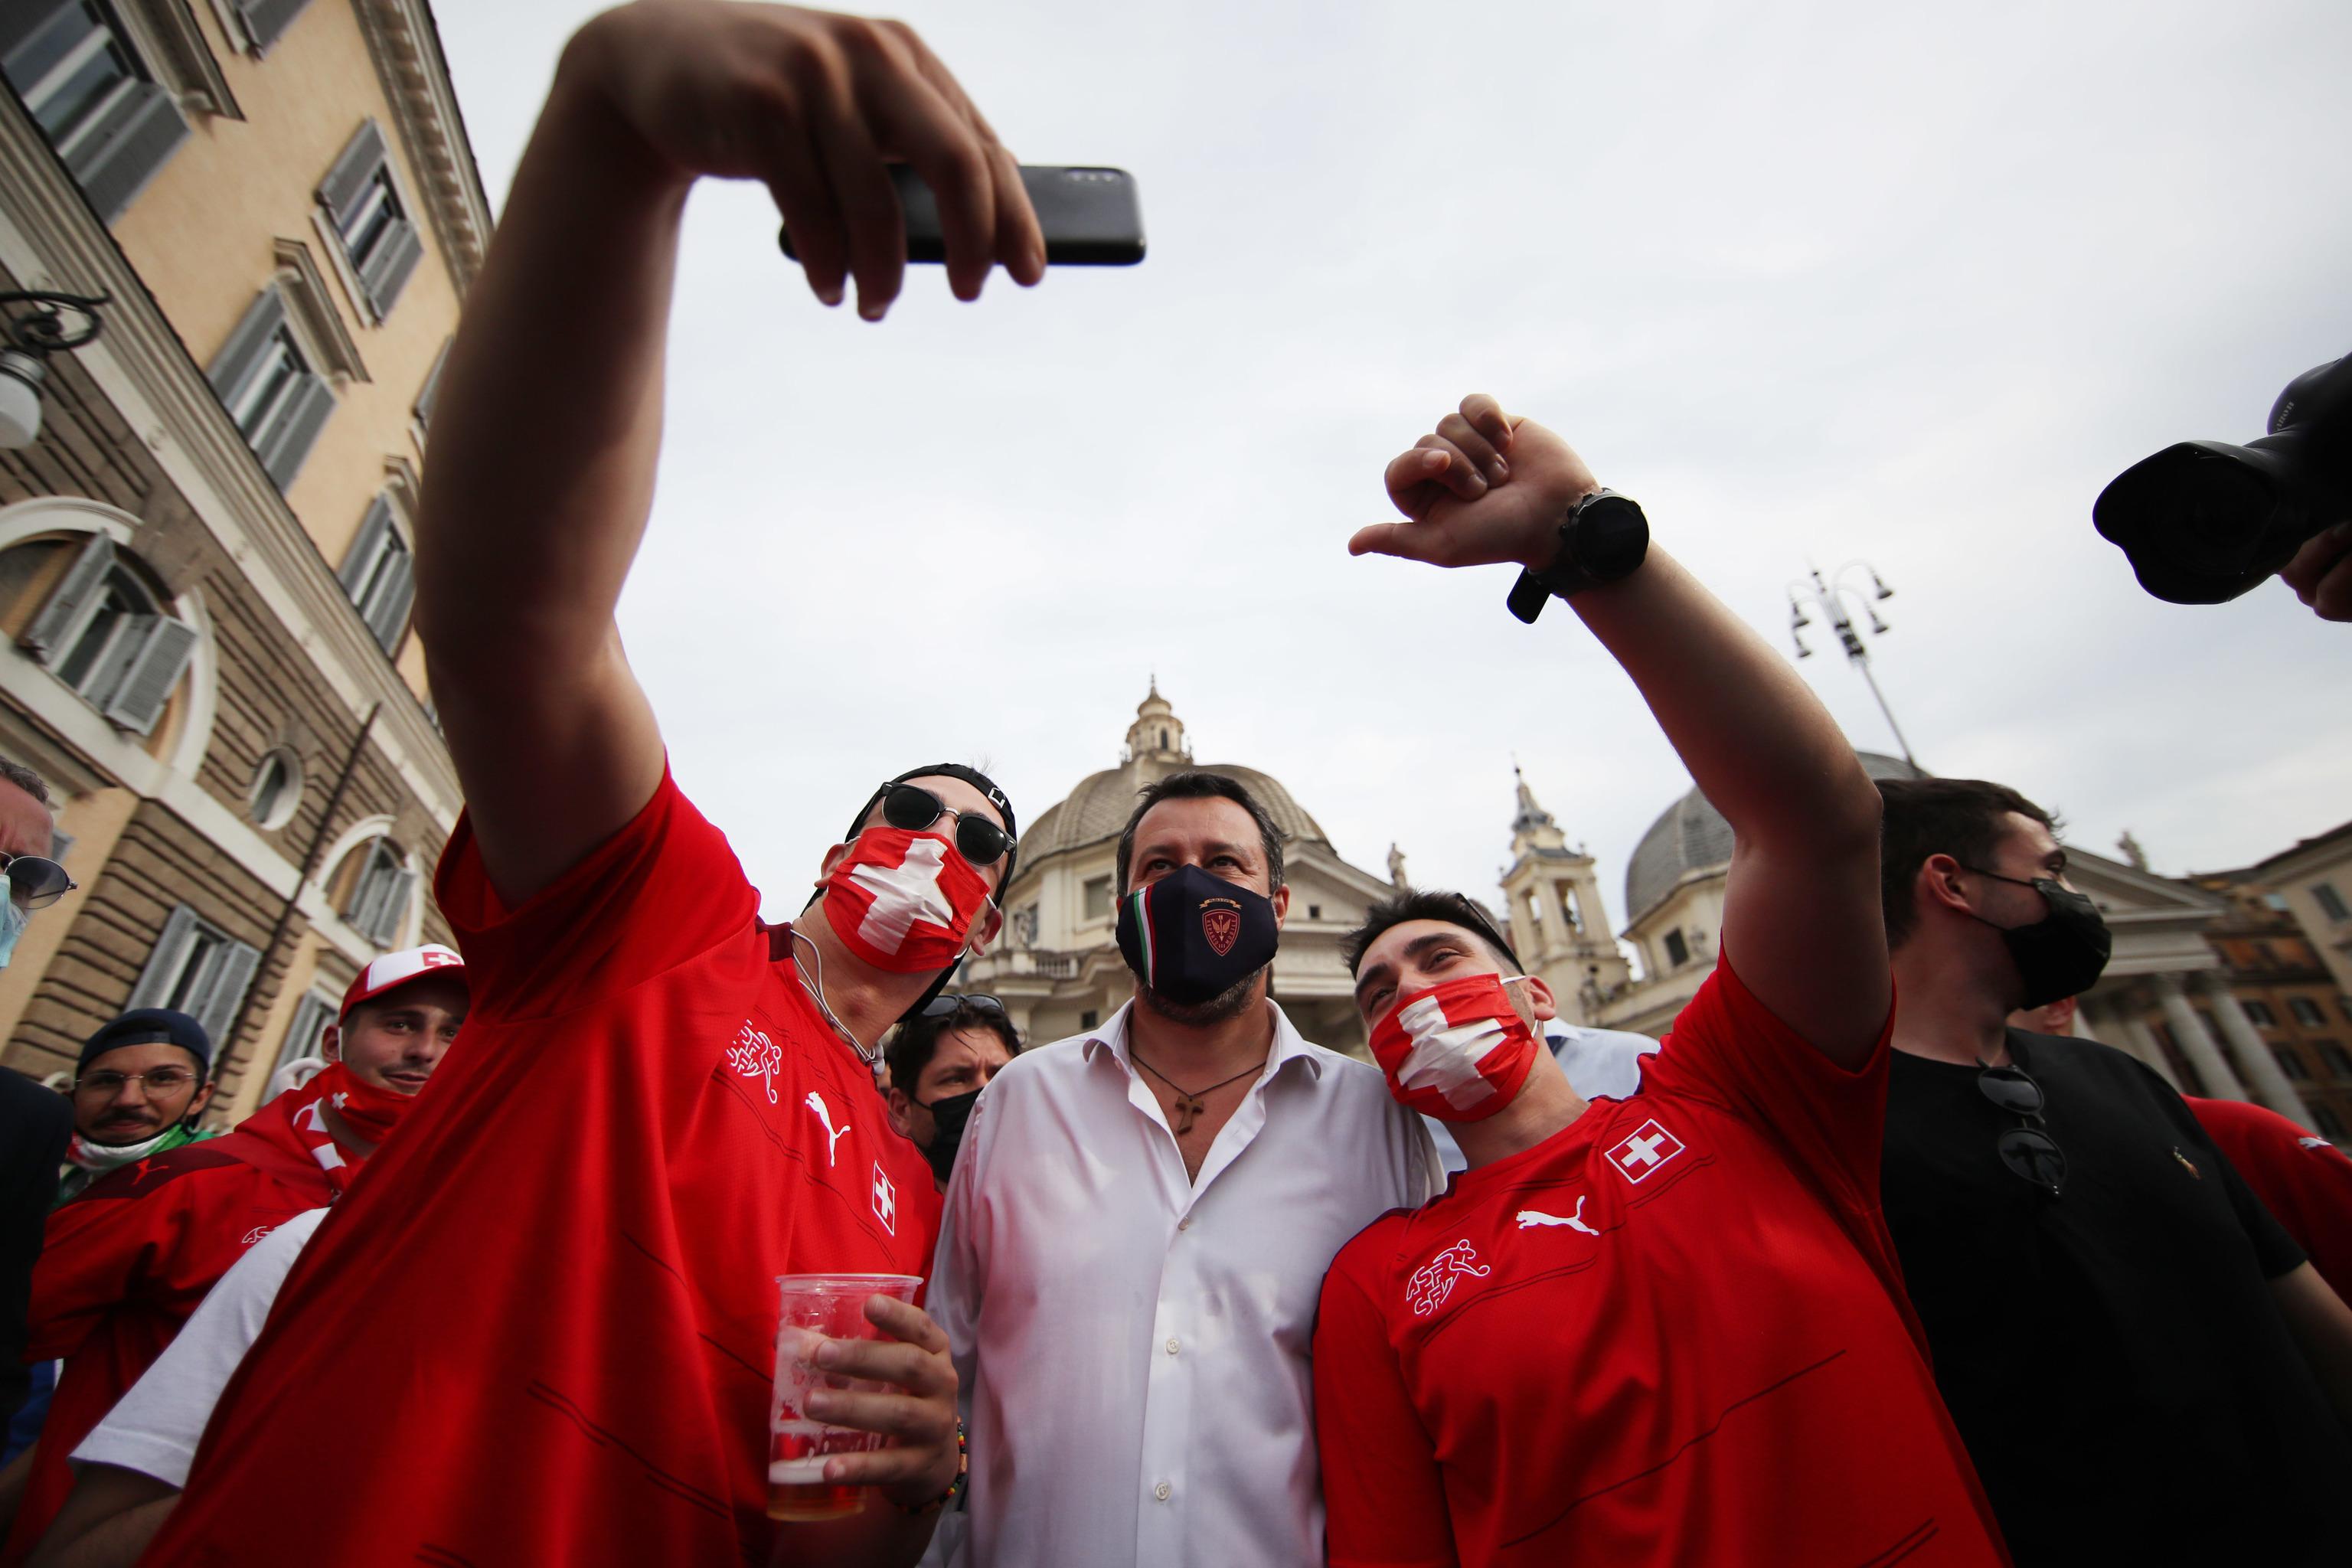 Silvio Berlusconi y Matteo Salvini negocian unirse para las elecciones de 2023